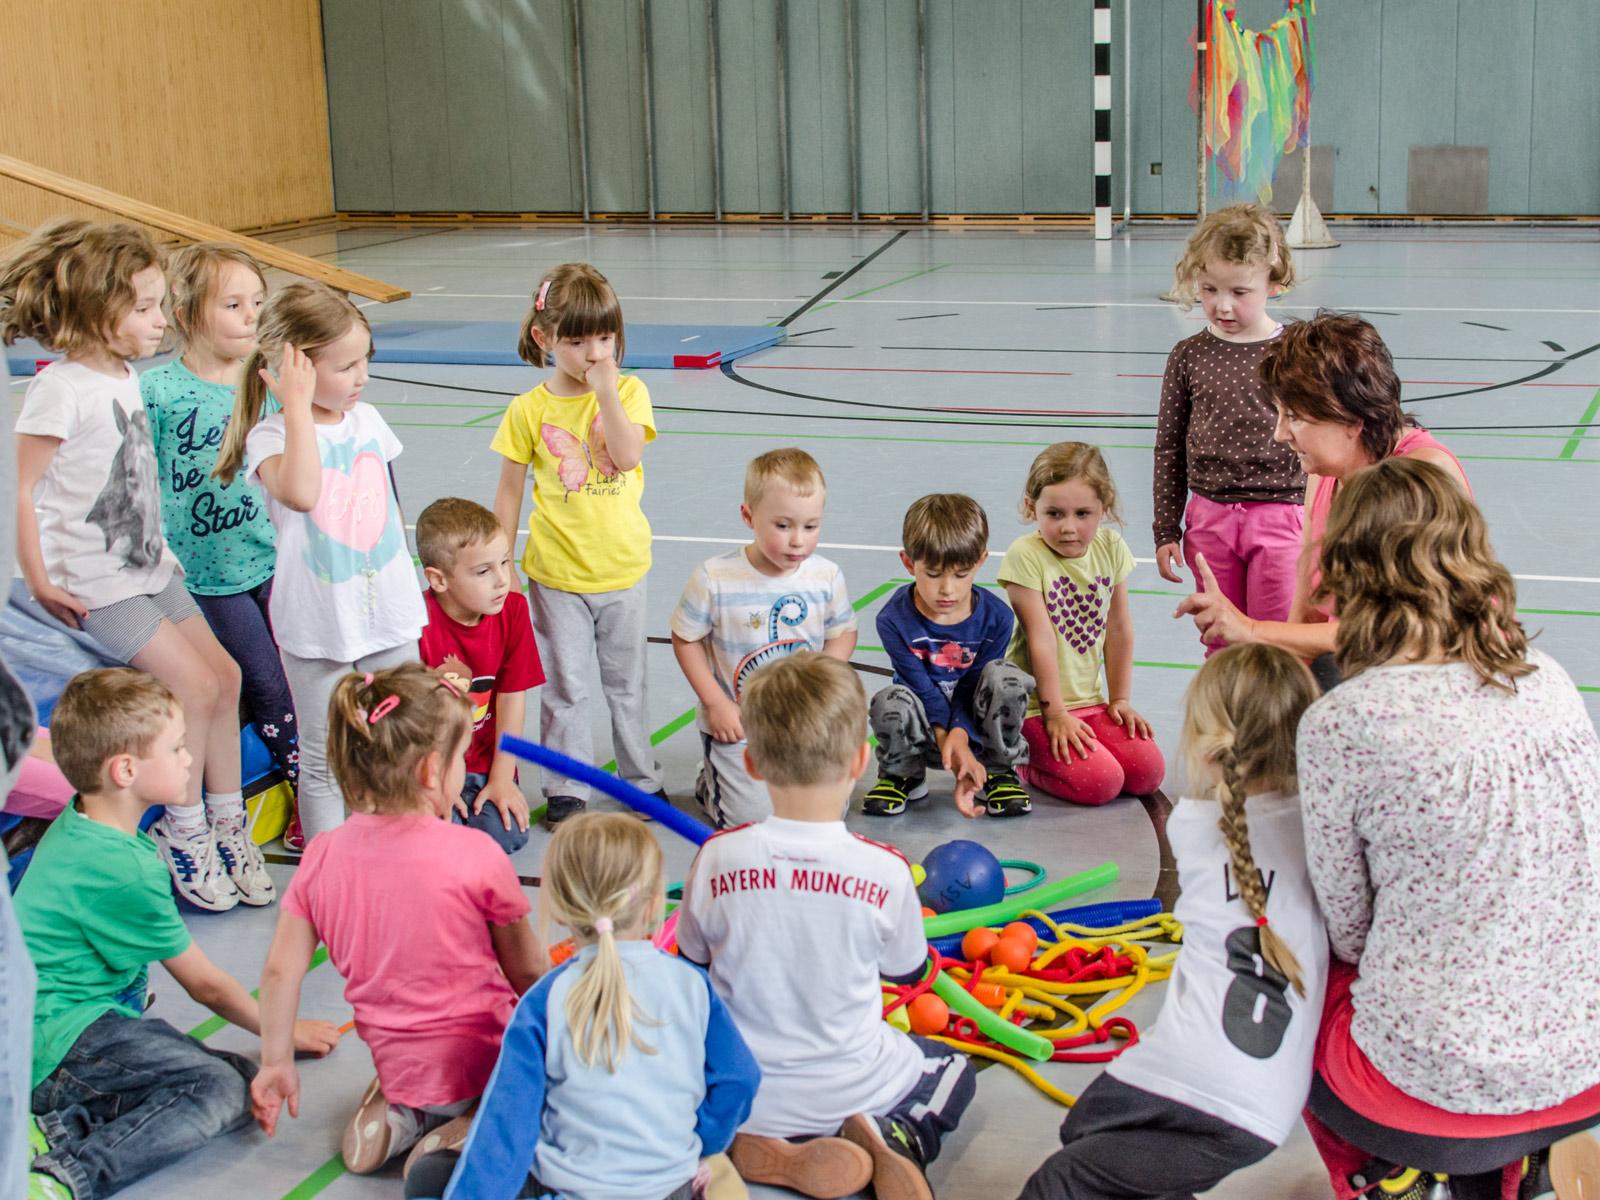 Kinderturnen in Bayreuth - ASV Laineck